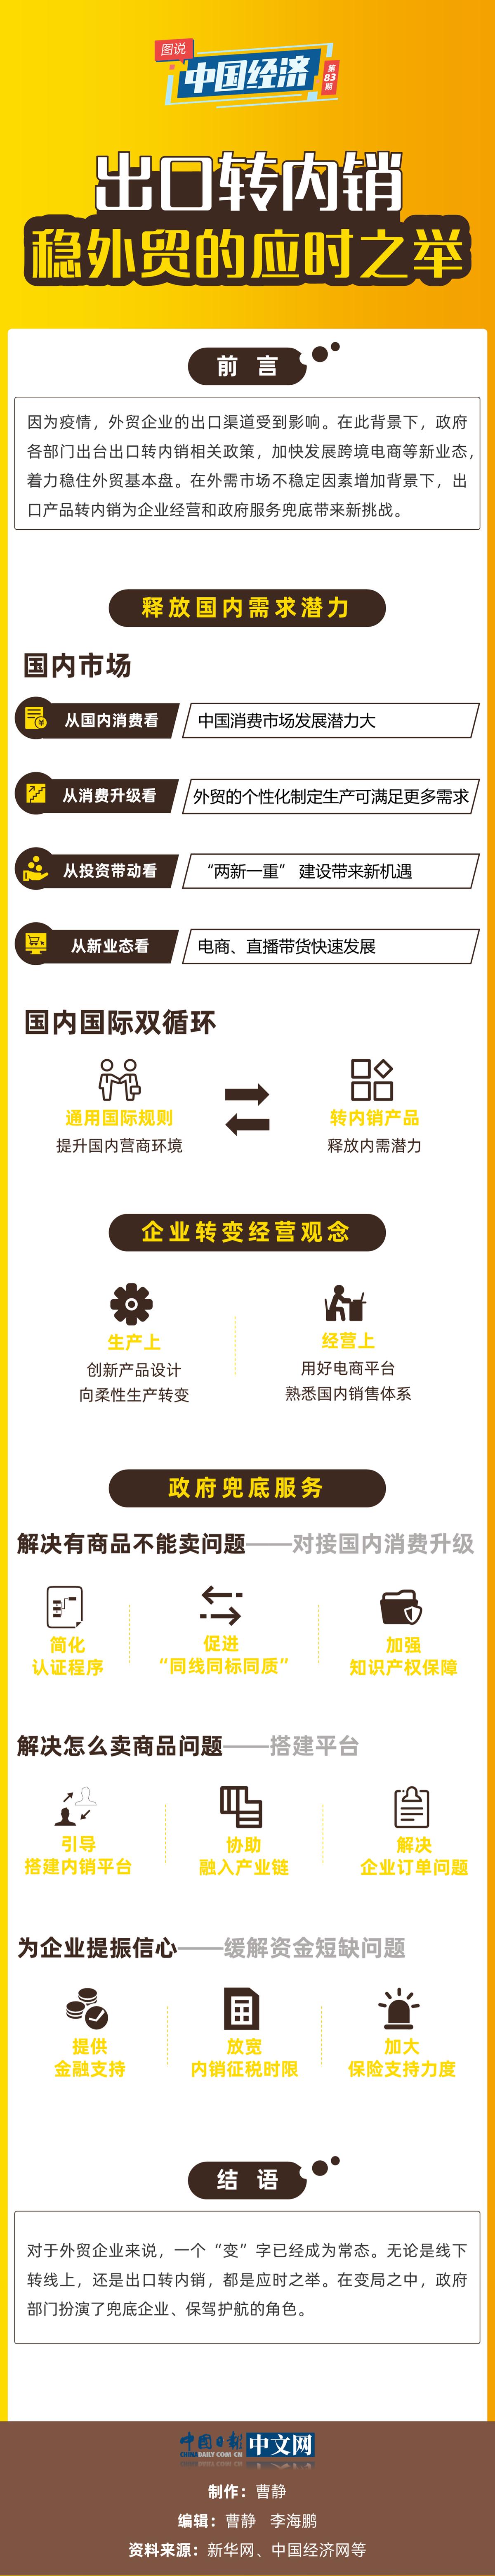 【图说中国经济】出口转内销,稳外贸的应时之举